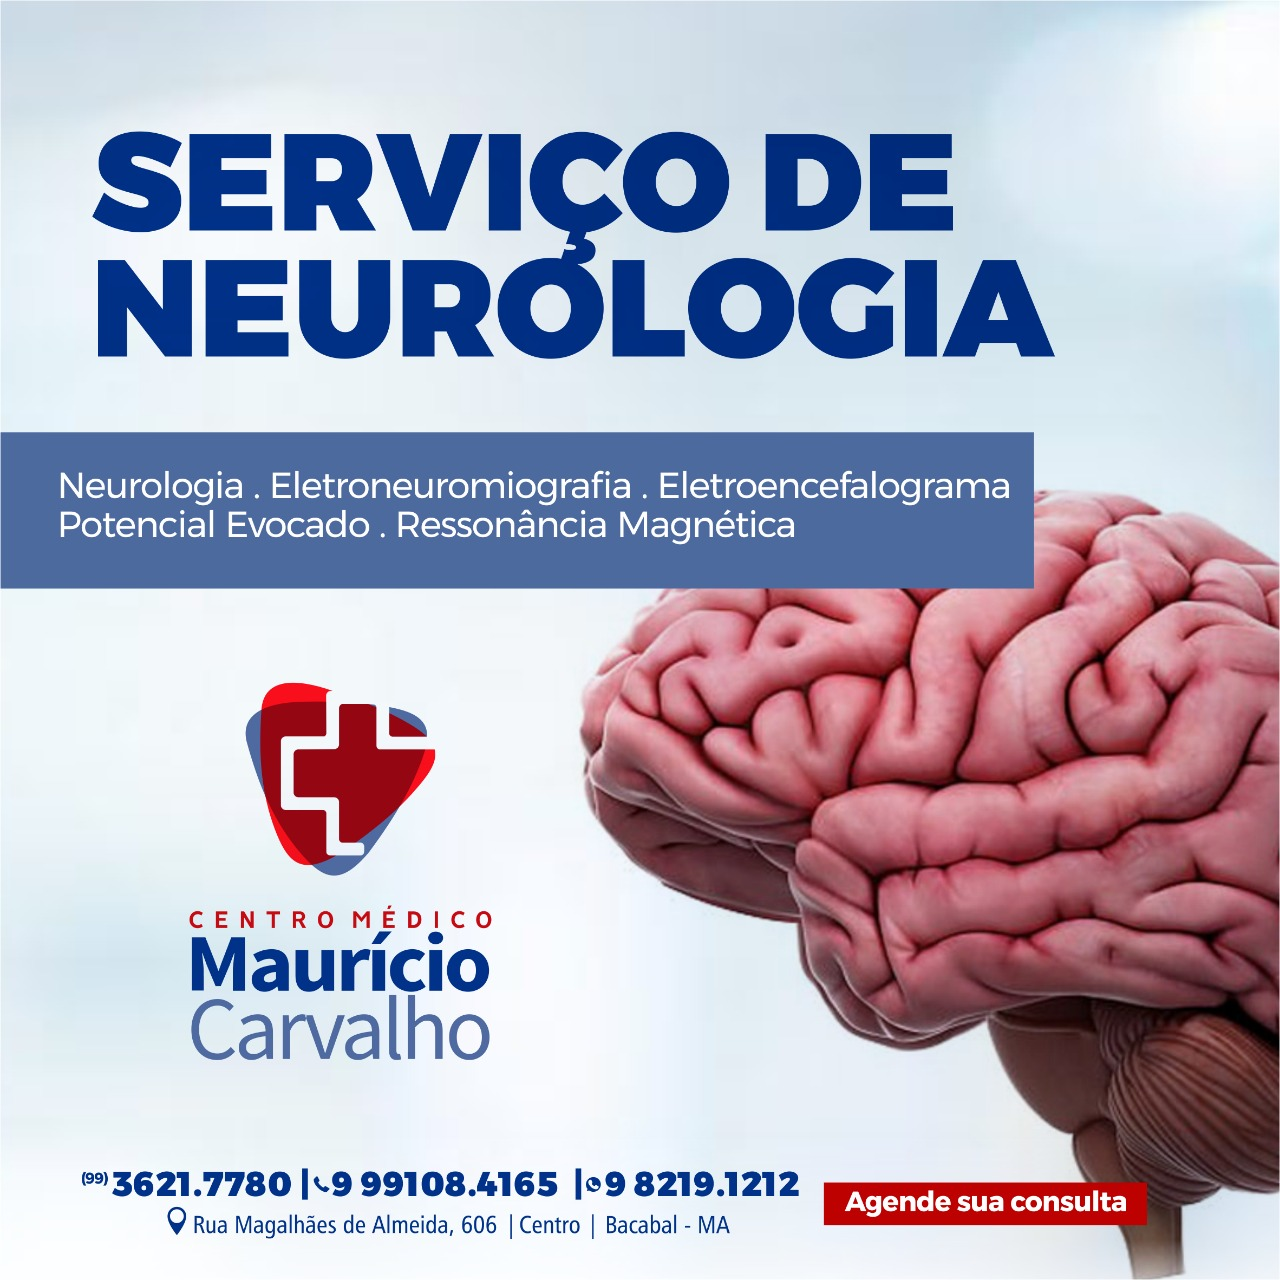 CENTRO MÉDICO MAURÍCIO CARVALHO